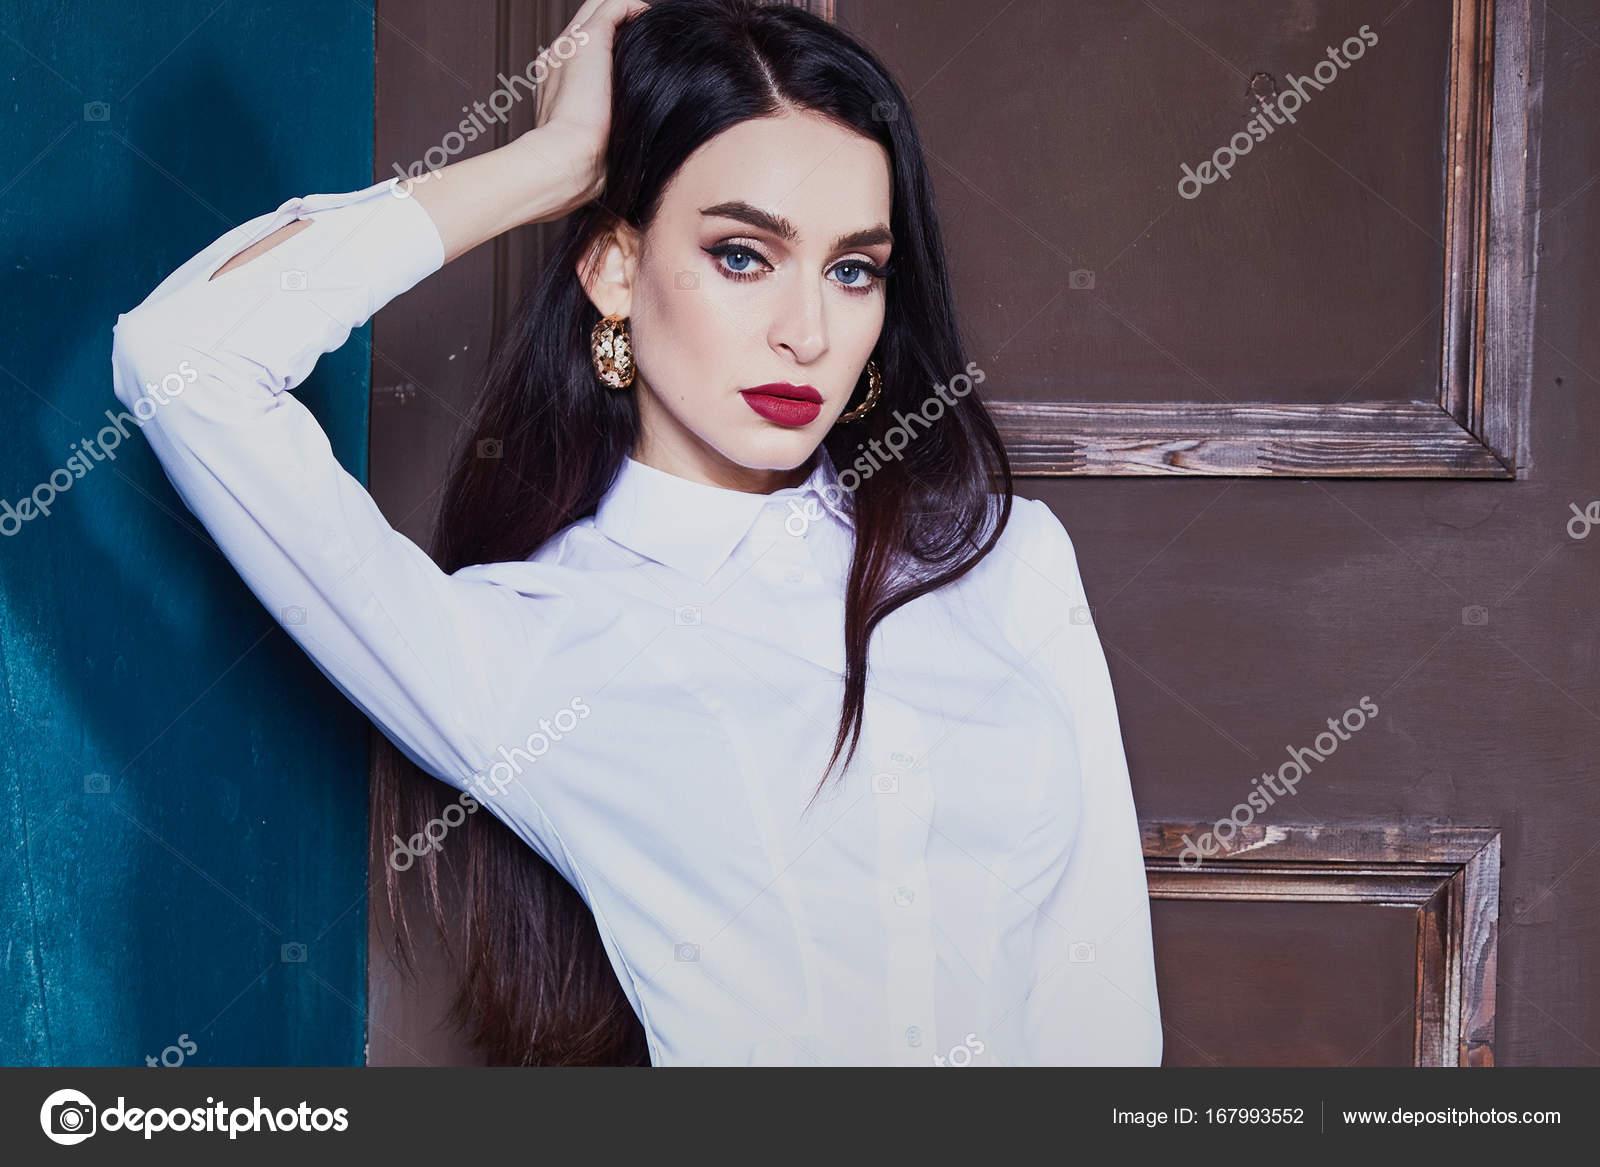 Сексуальный портрет женщины элегантного возраста